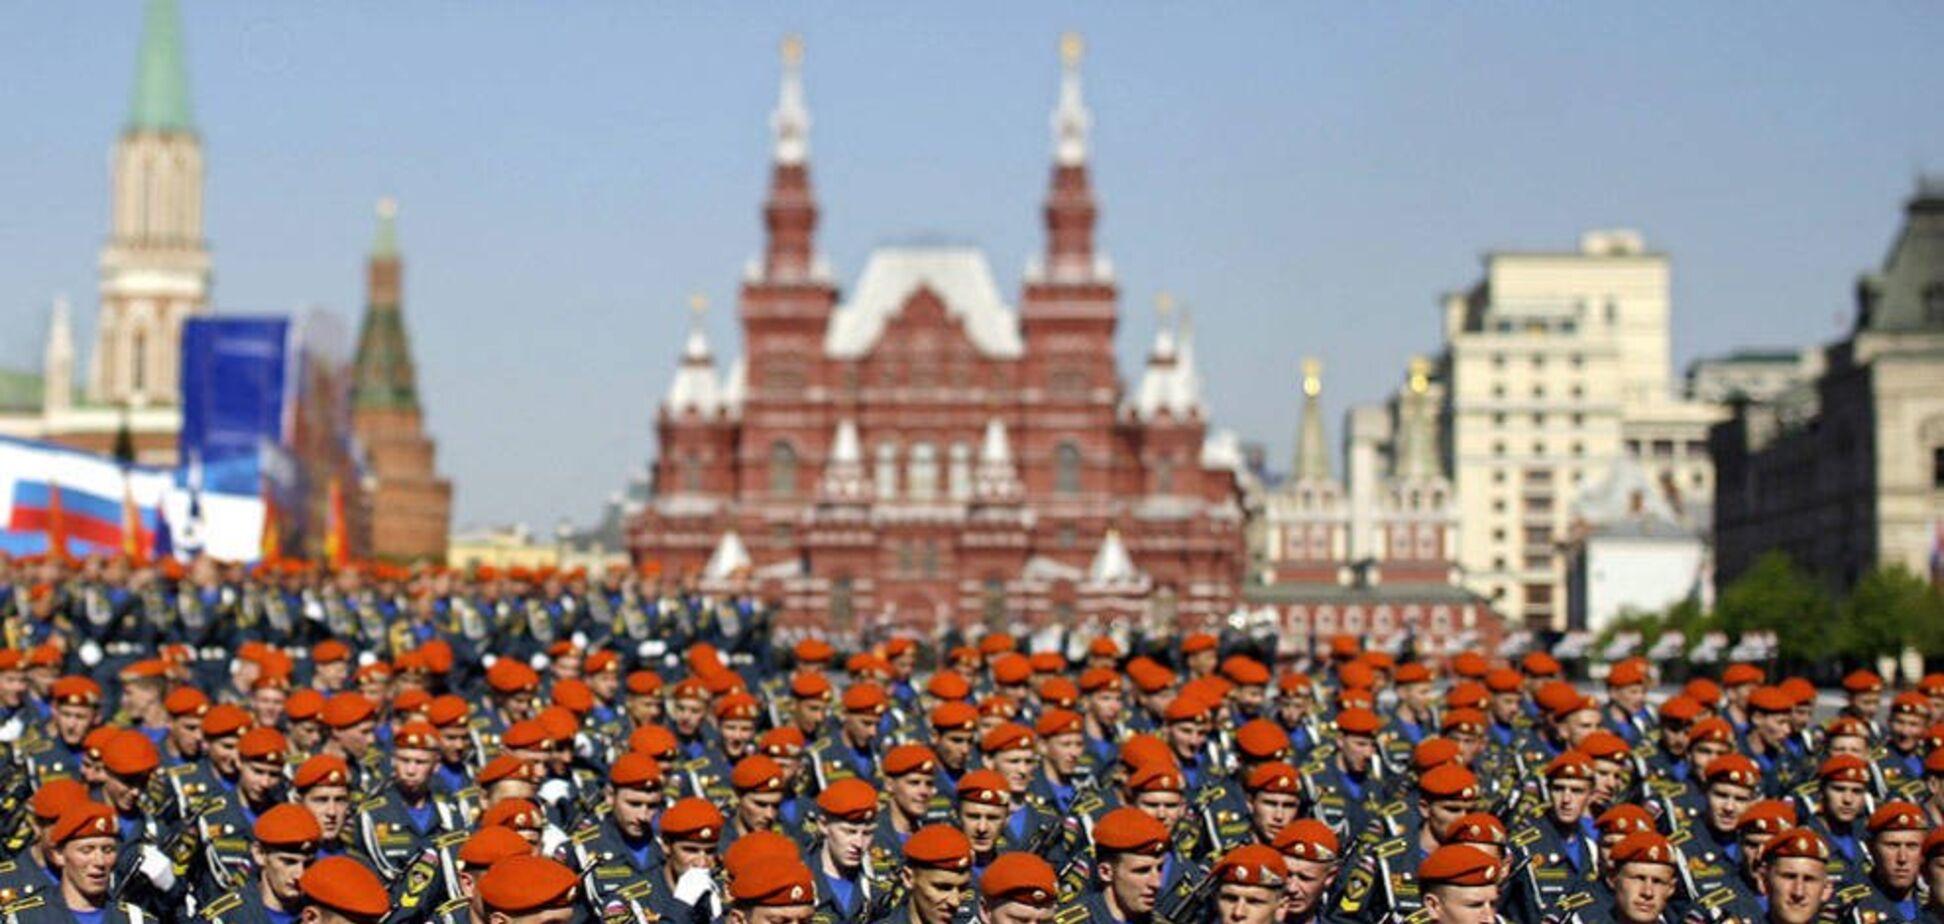 Пишатися Росії нічим, війну програла, тепер програє ще й в пропаганді